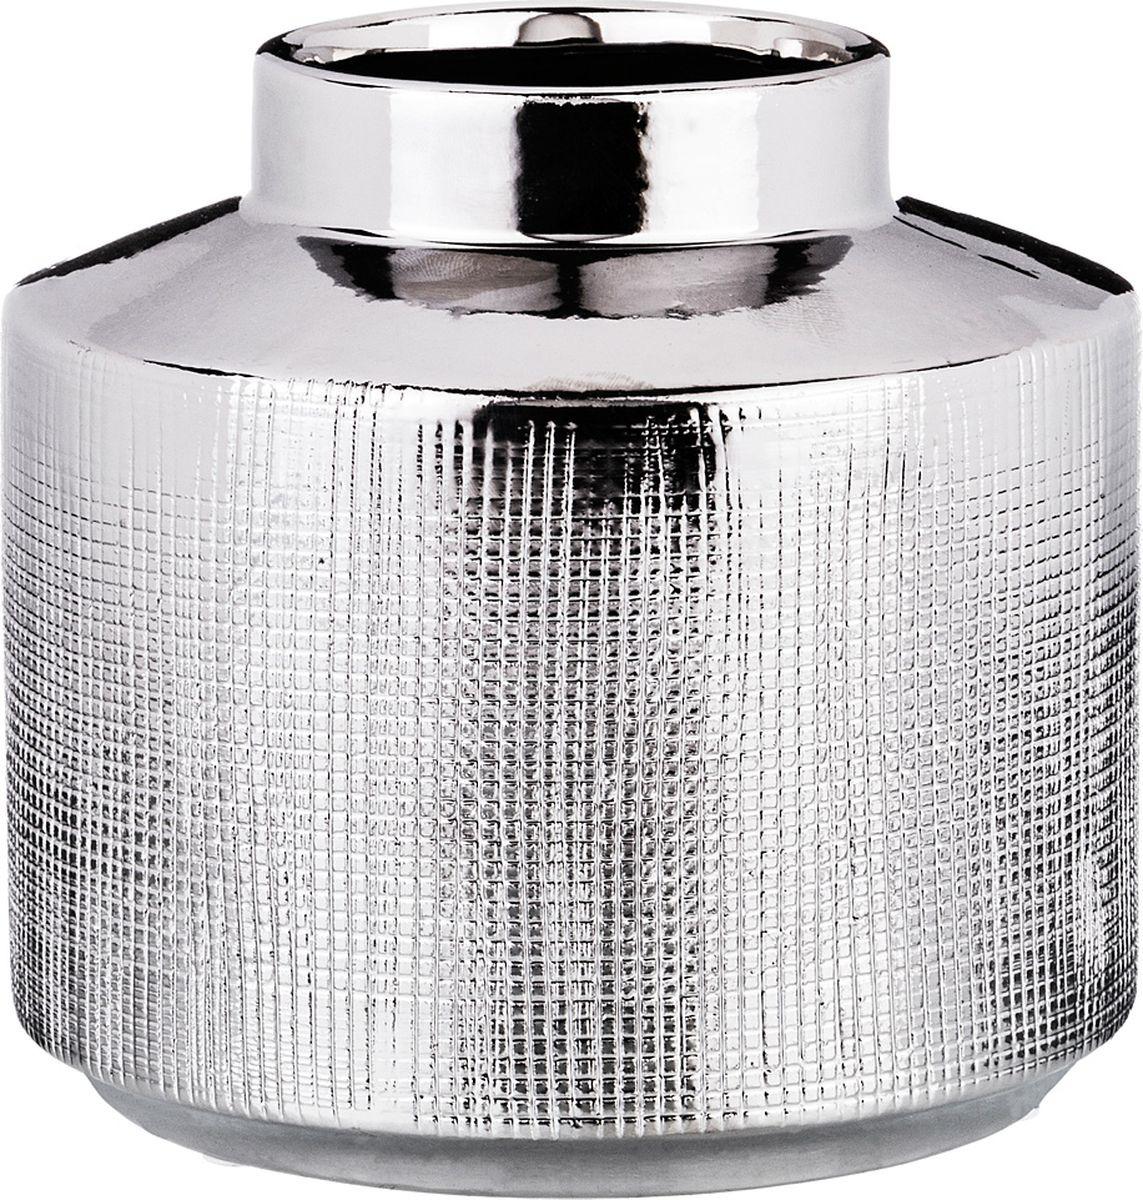 Ваза Lefard, цвет: серебристый, 13 х 13 х 12 см lefard ваза eldora 26 см